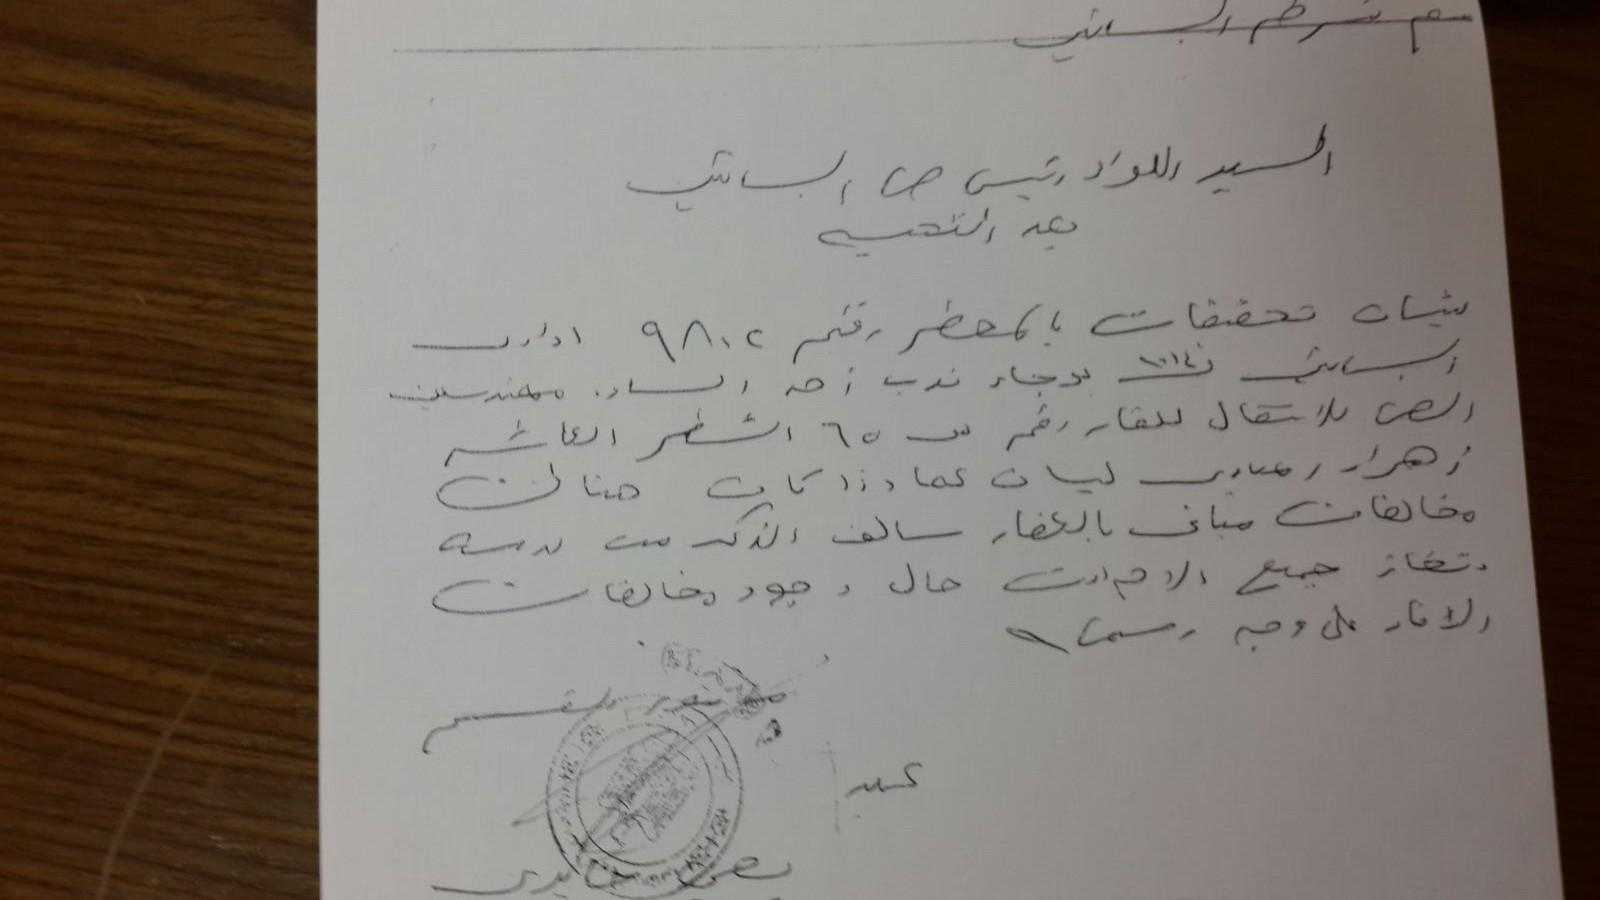 في زهراء المعادي.. هدم طوابق عقار مخالف للمرة الثالثة في عامين